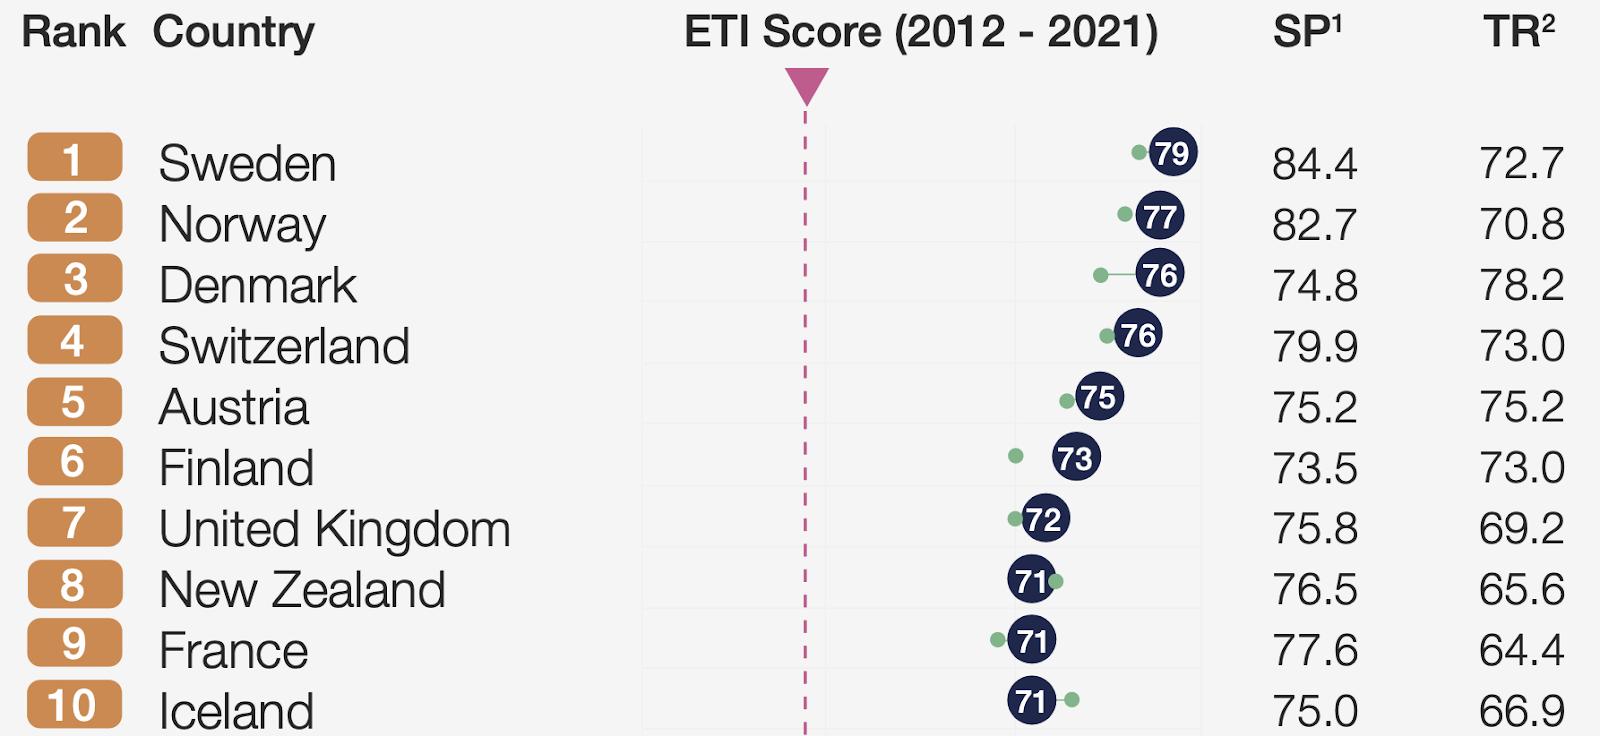 un gráfico que clasifica a los países en función de su rendimiento energético